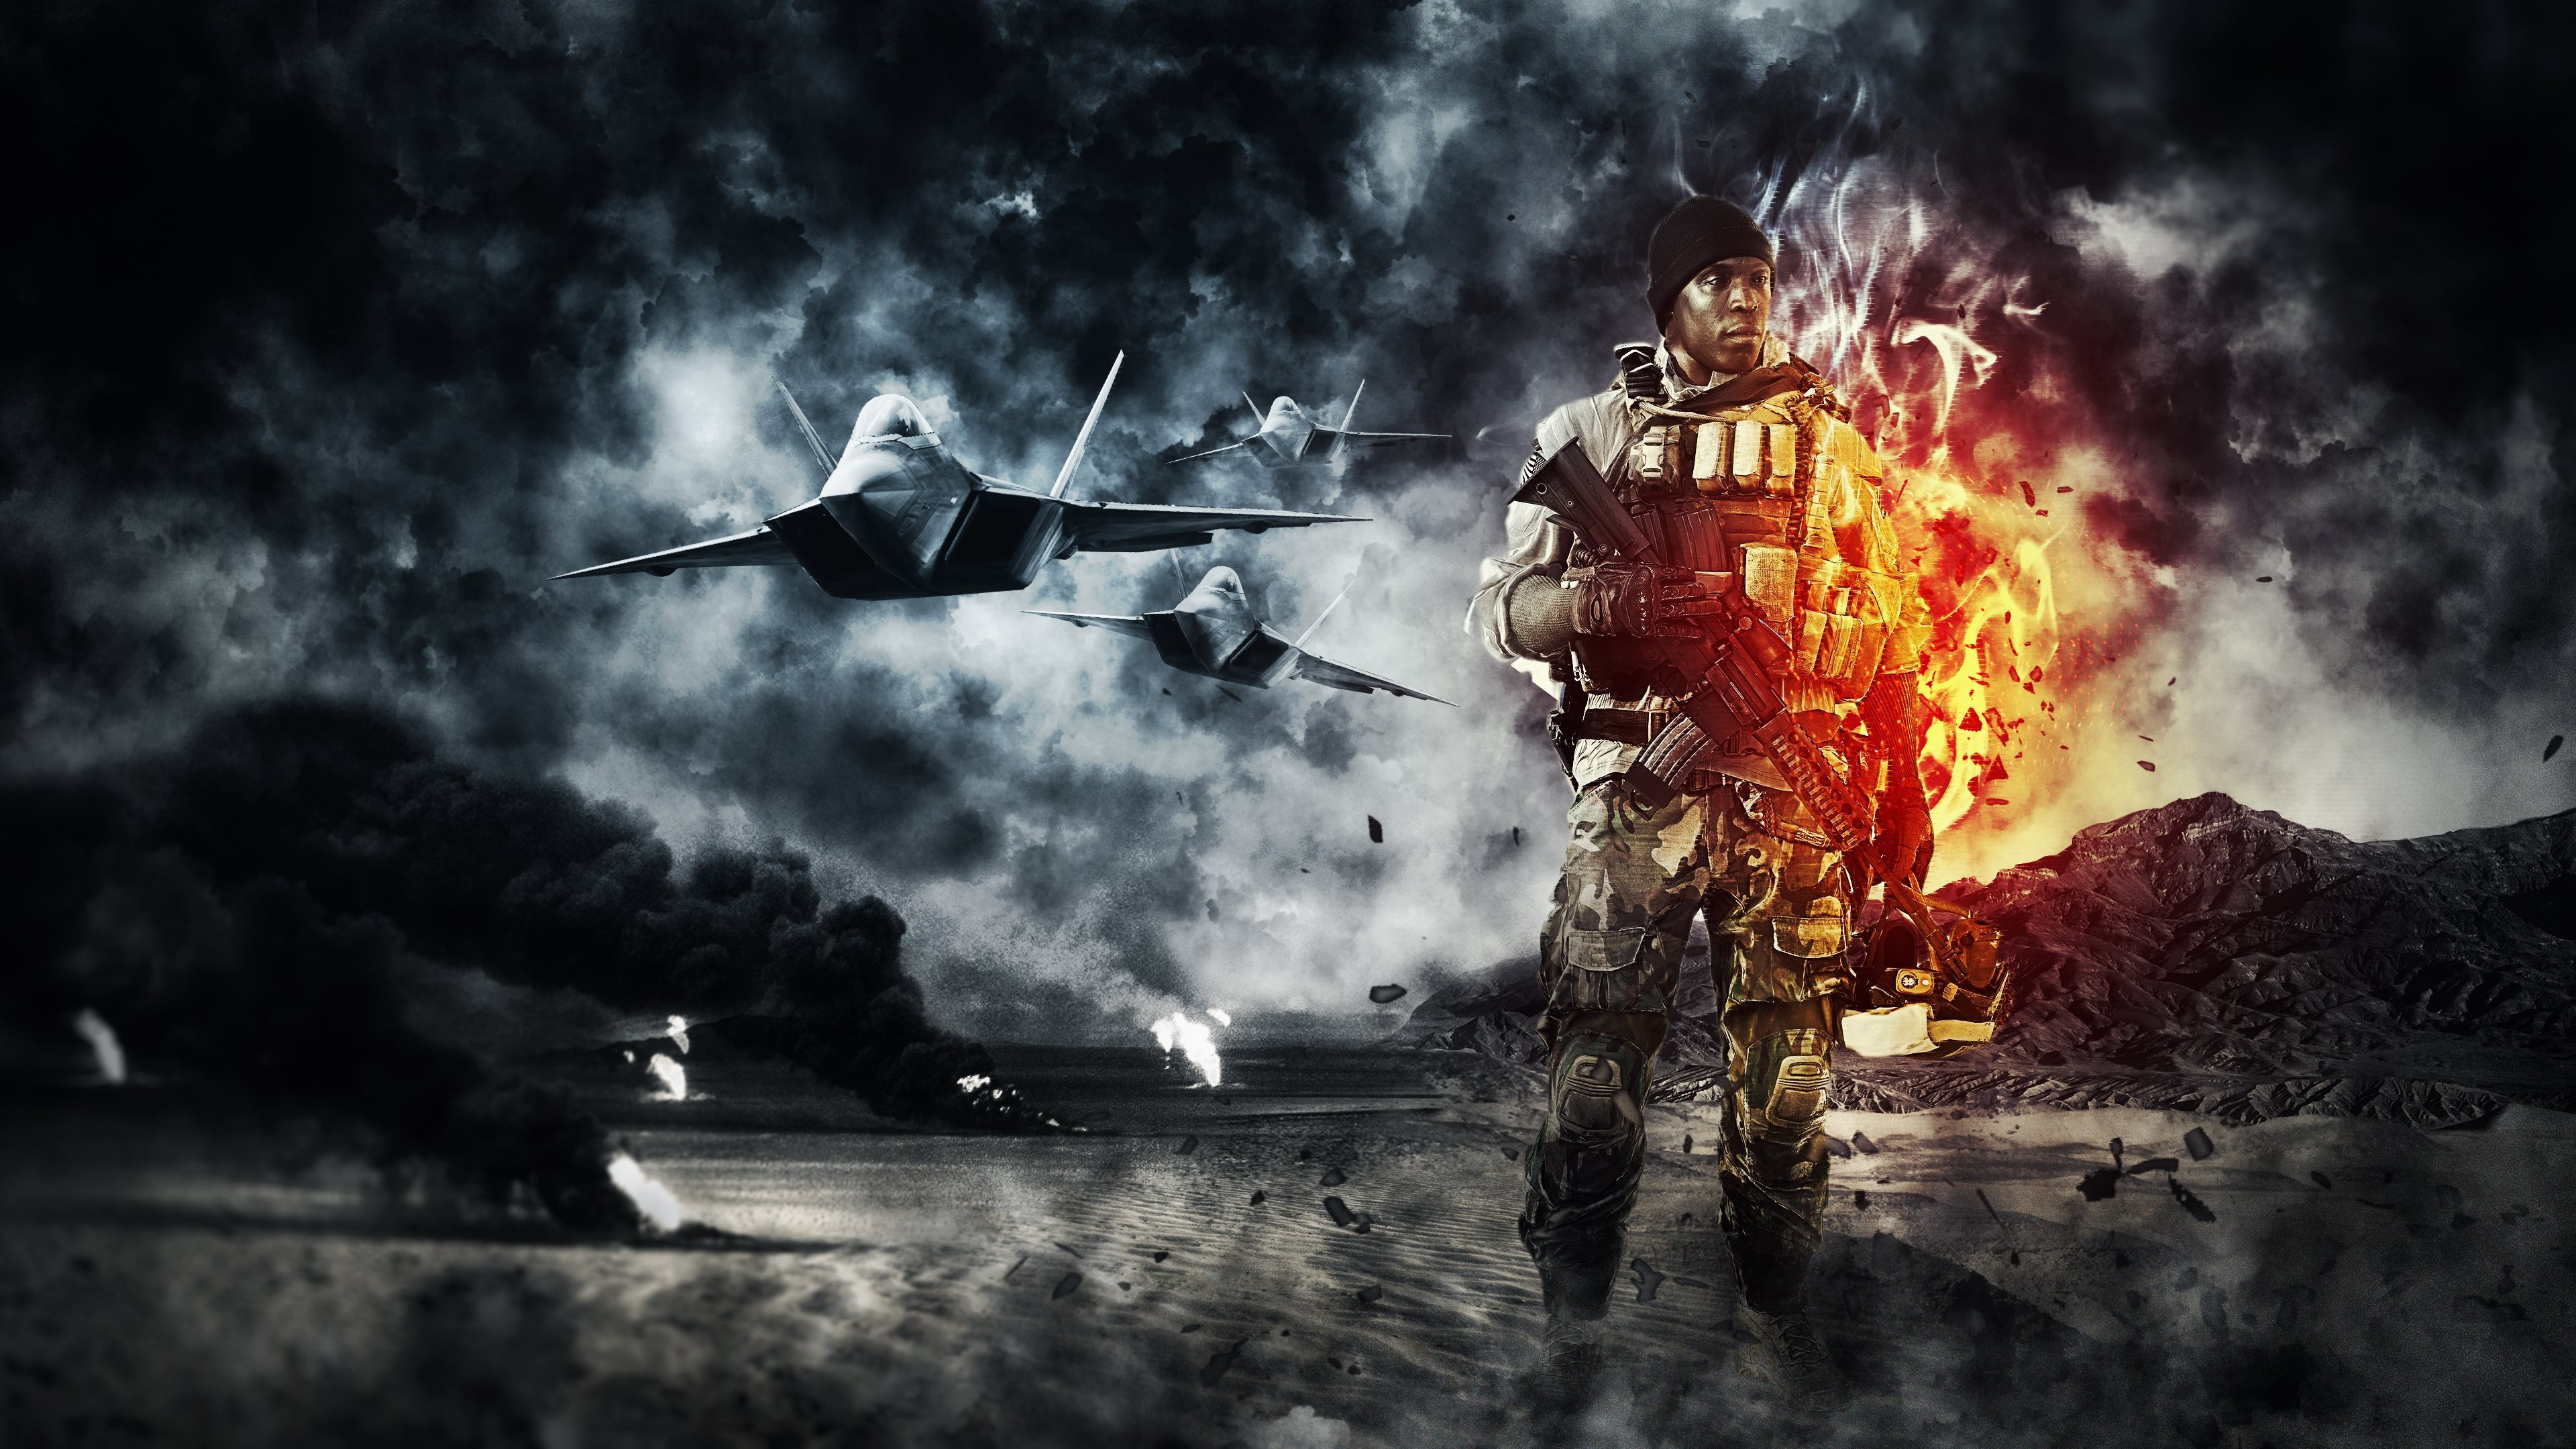 Free Download Battlefield 4 Ultra Hd Wallpaper 4k Hd